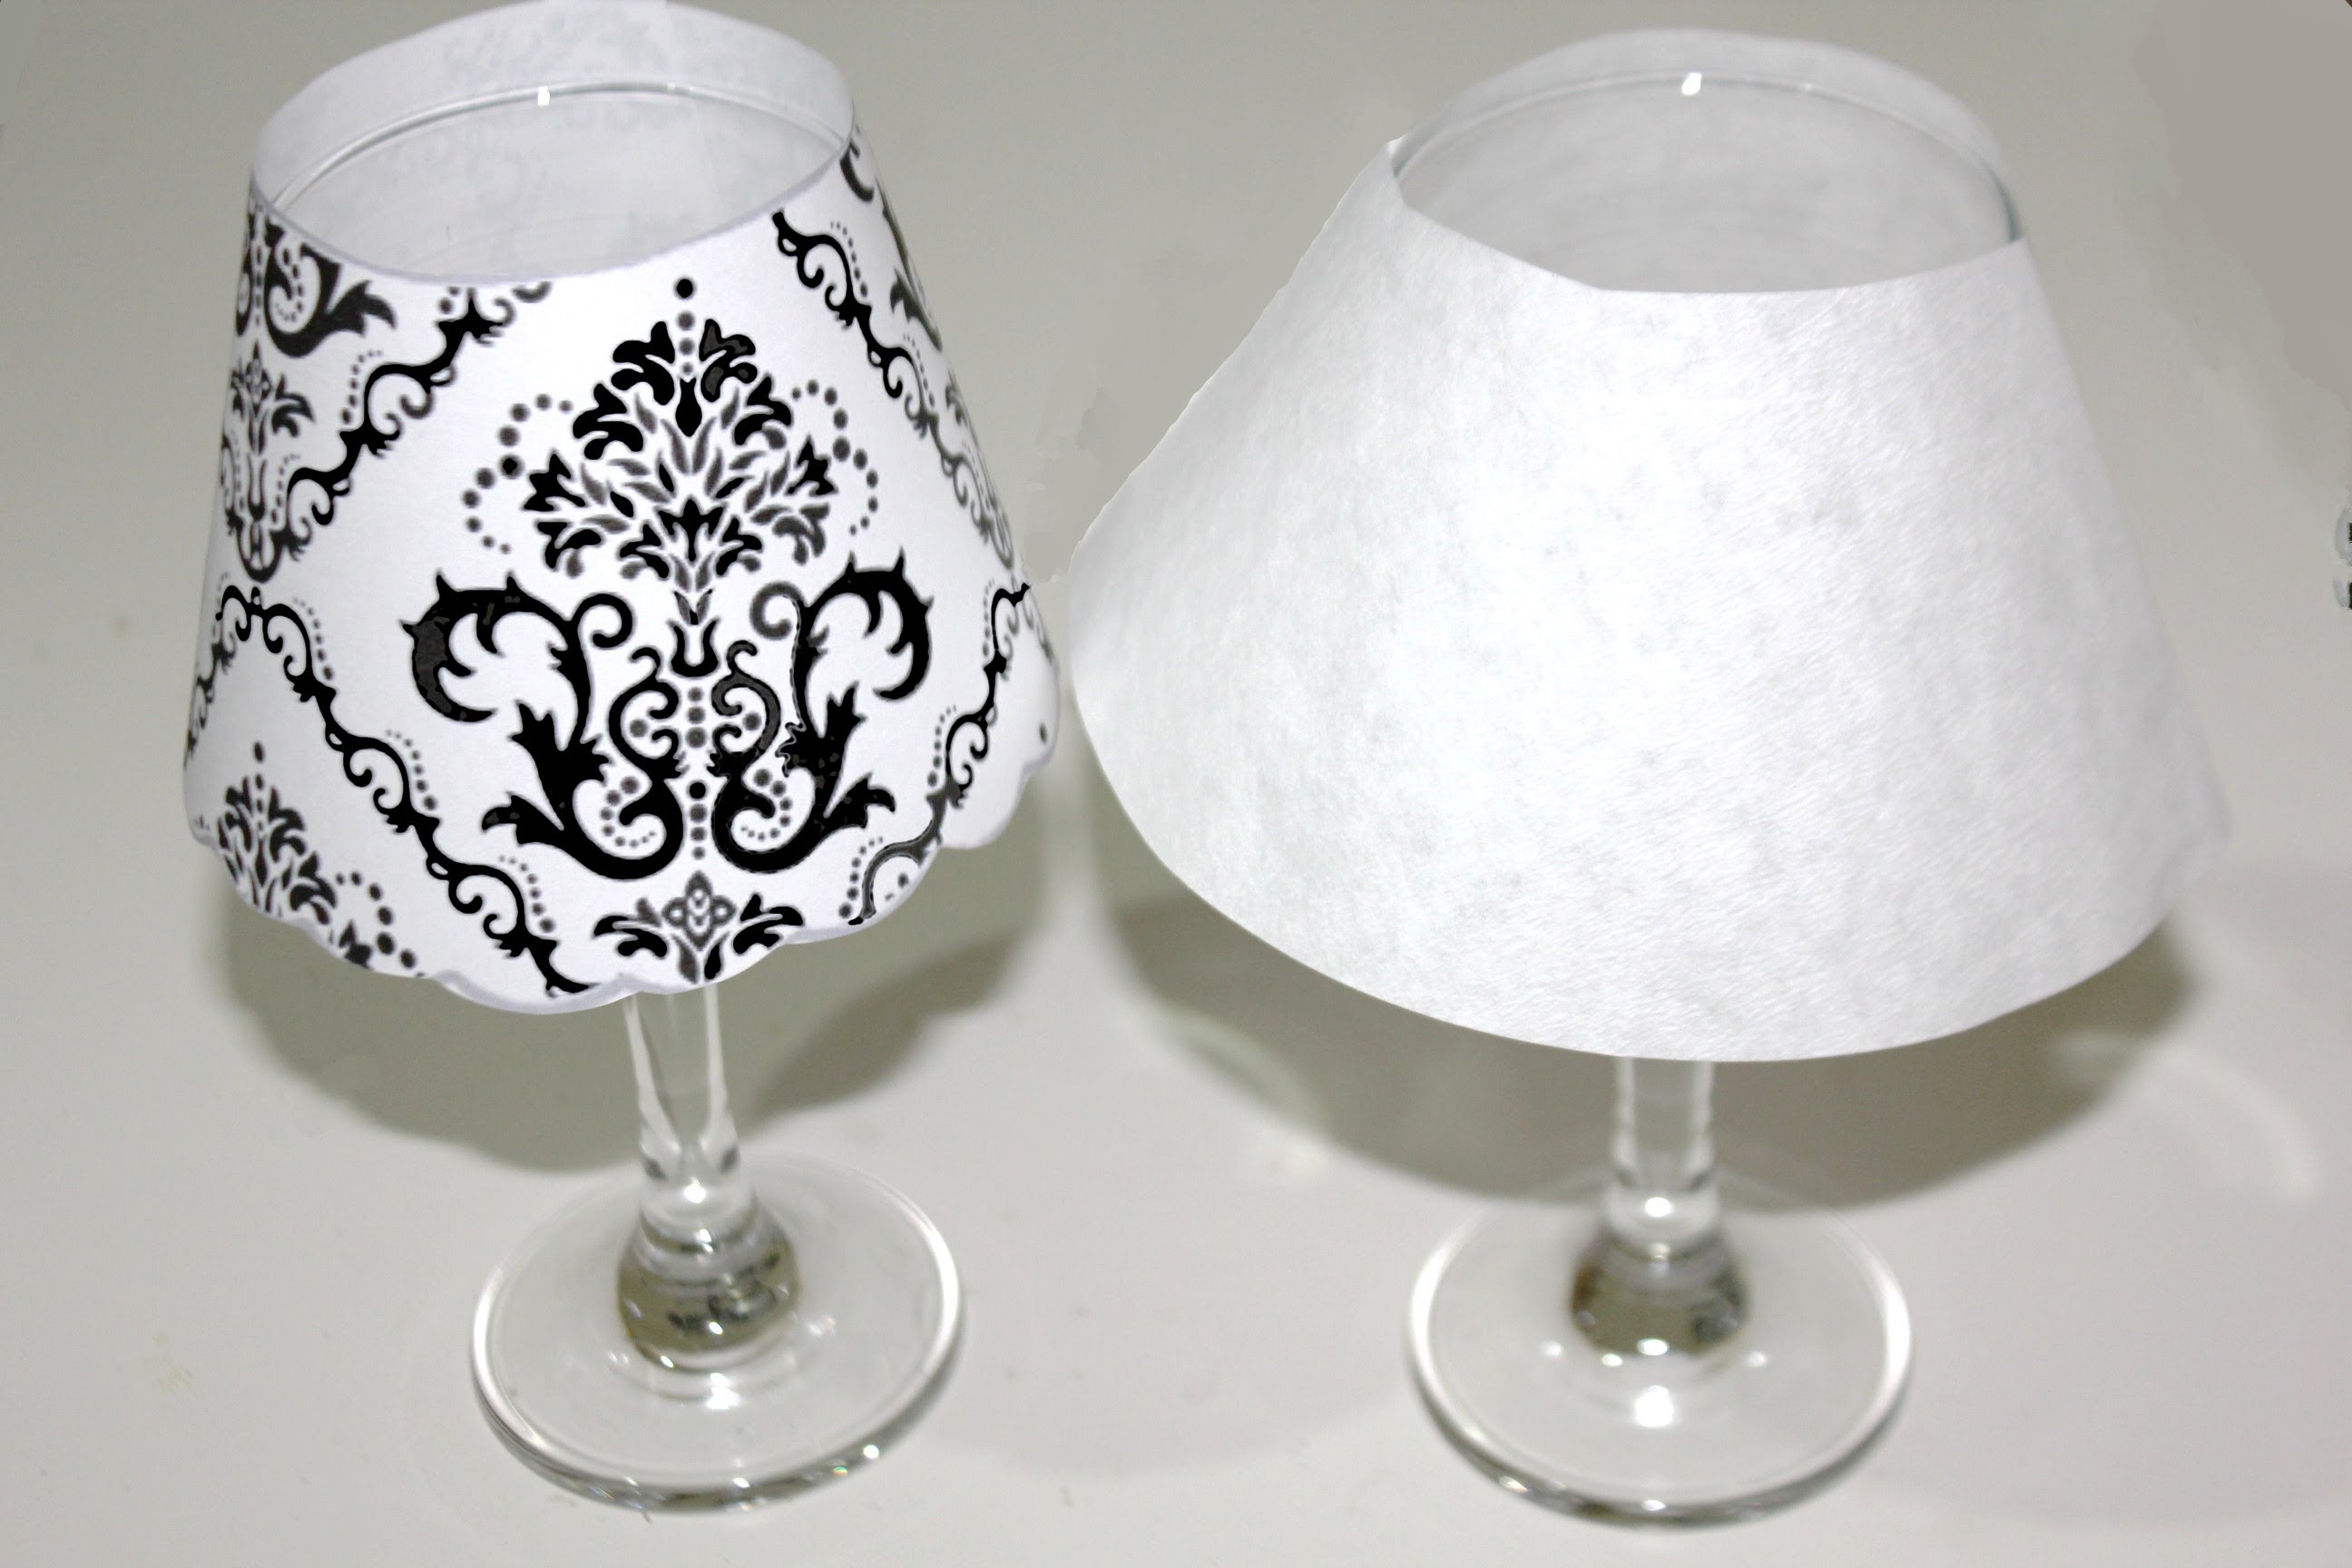 Como Hacer Lamparas Caseras Originales - Ideas-para-hacer-lamparas